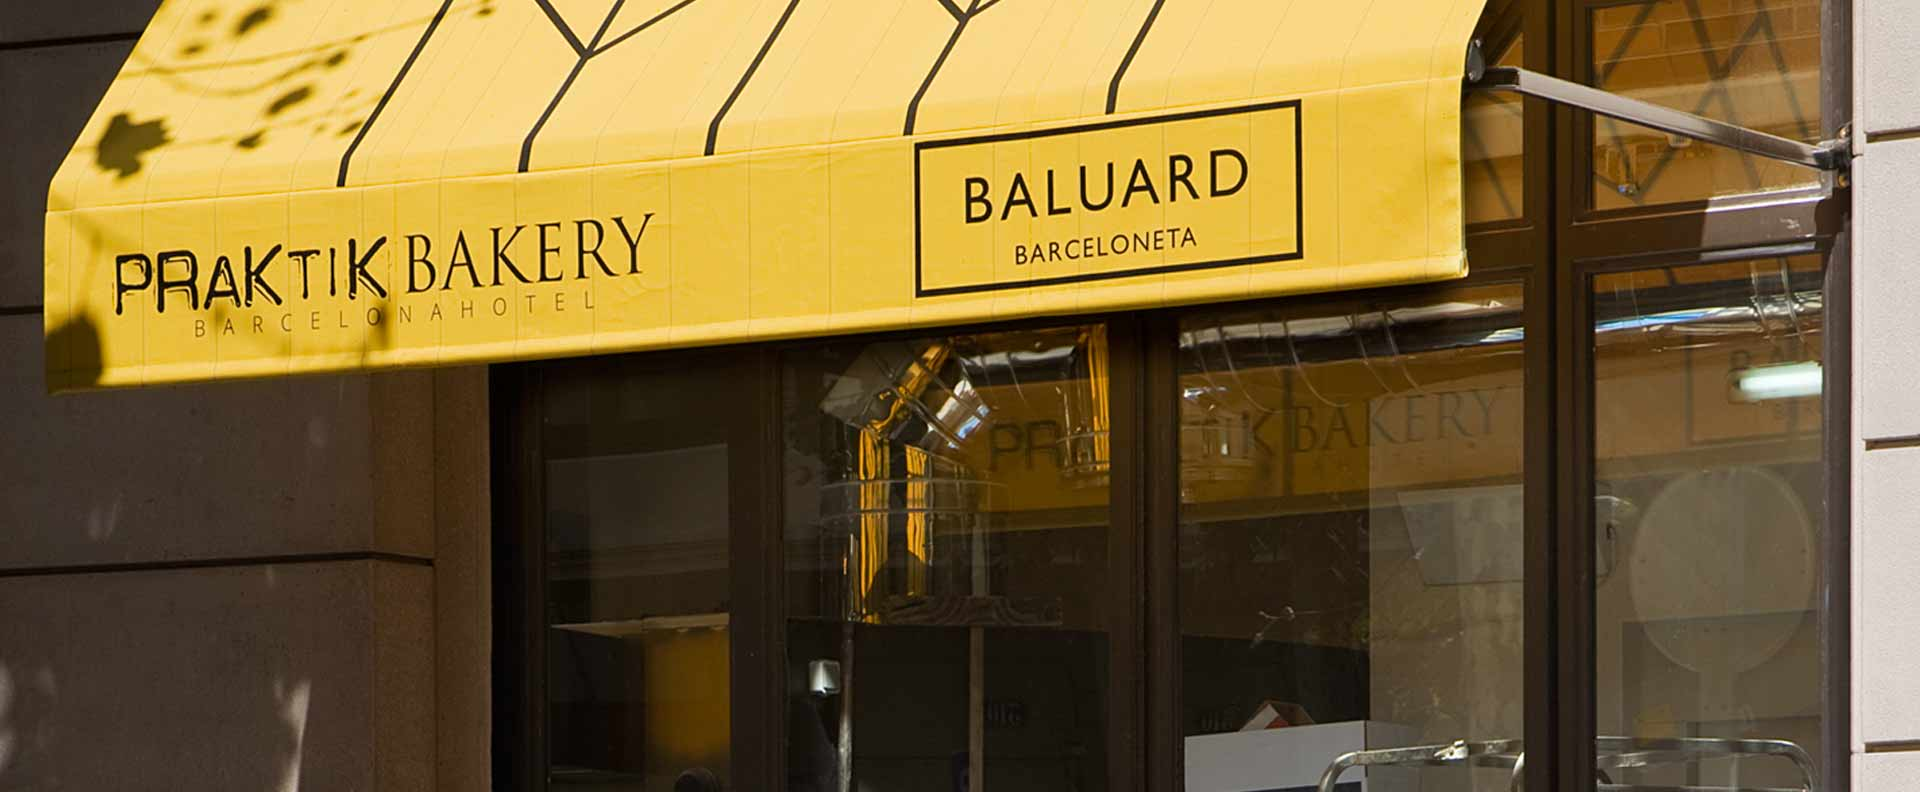 El hotel ideal para los amantes del pan